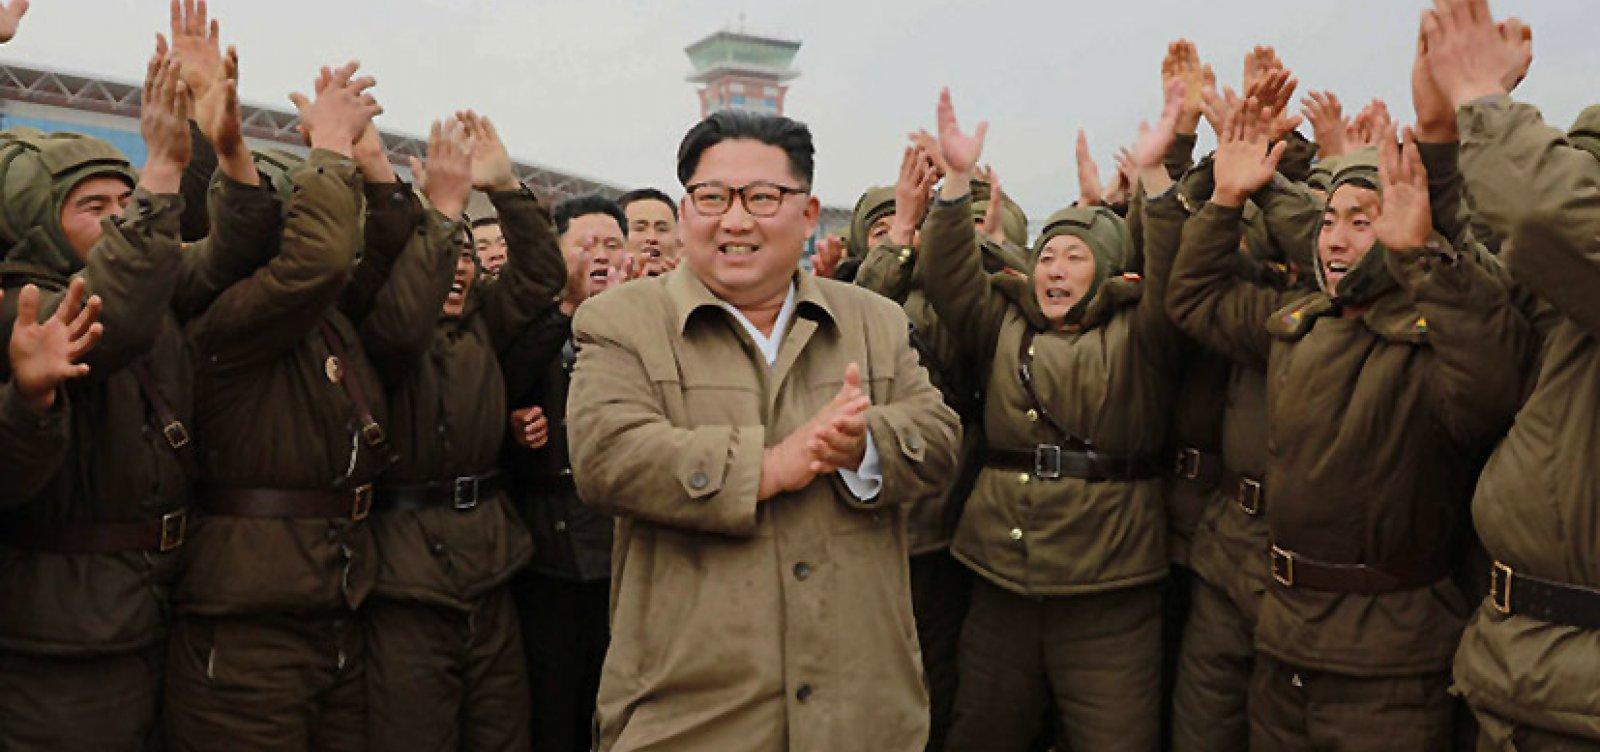 [Kim Jong-un diz que Coreia do Norte teve zero caso de Covid: 'Sucesso brilhante']